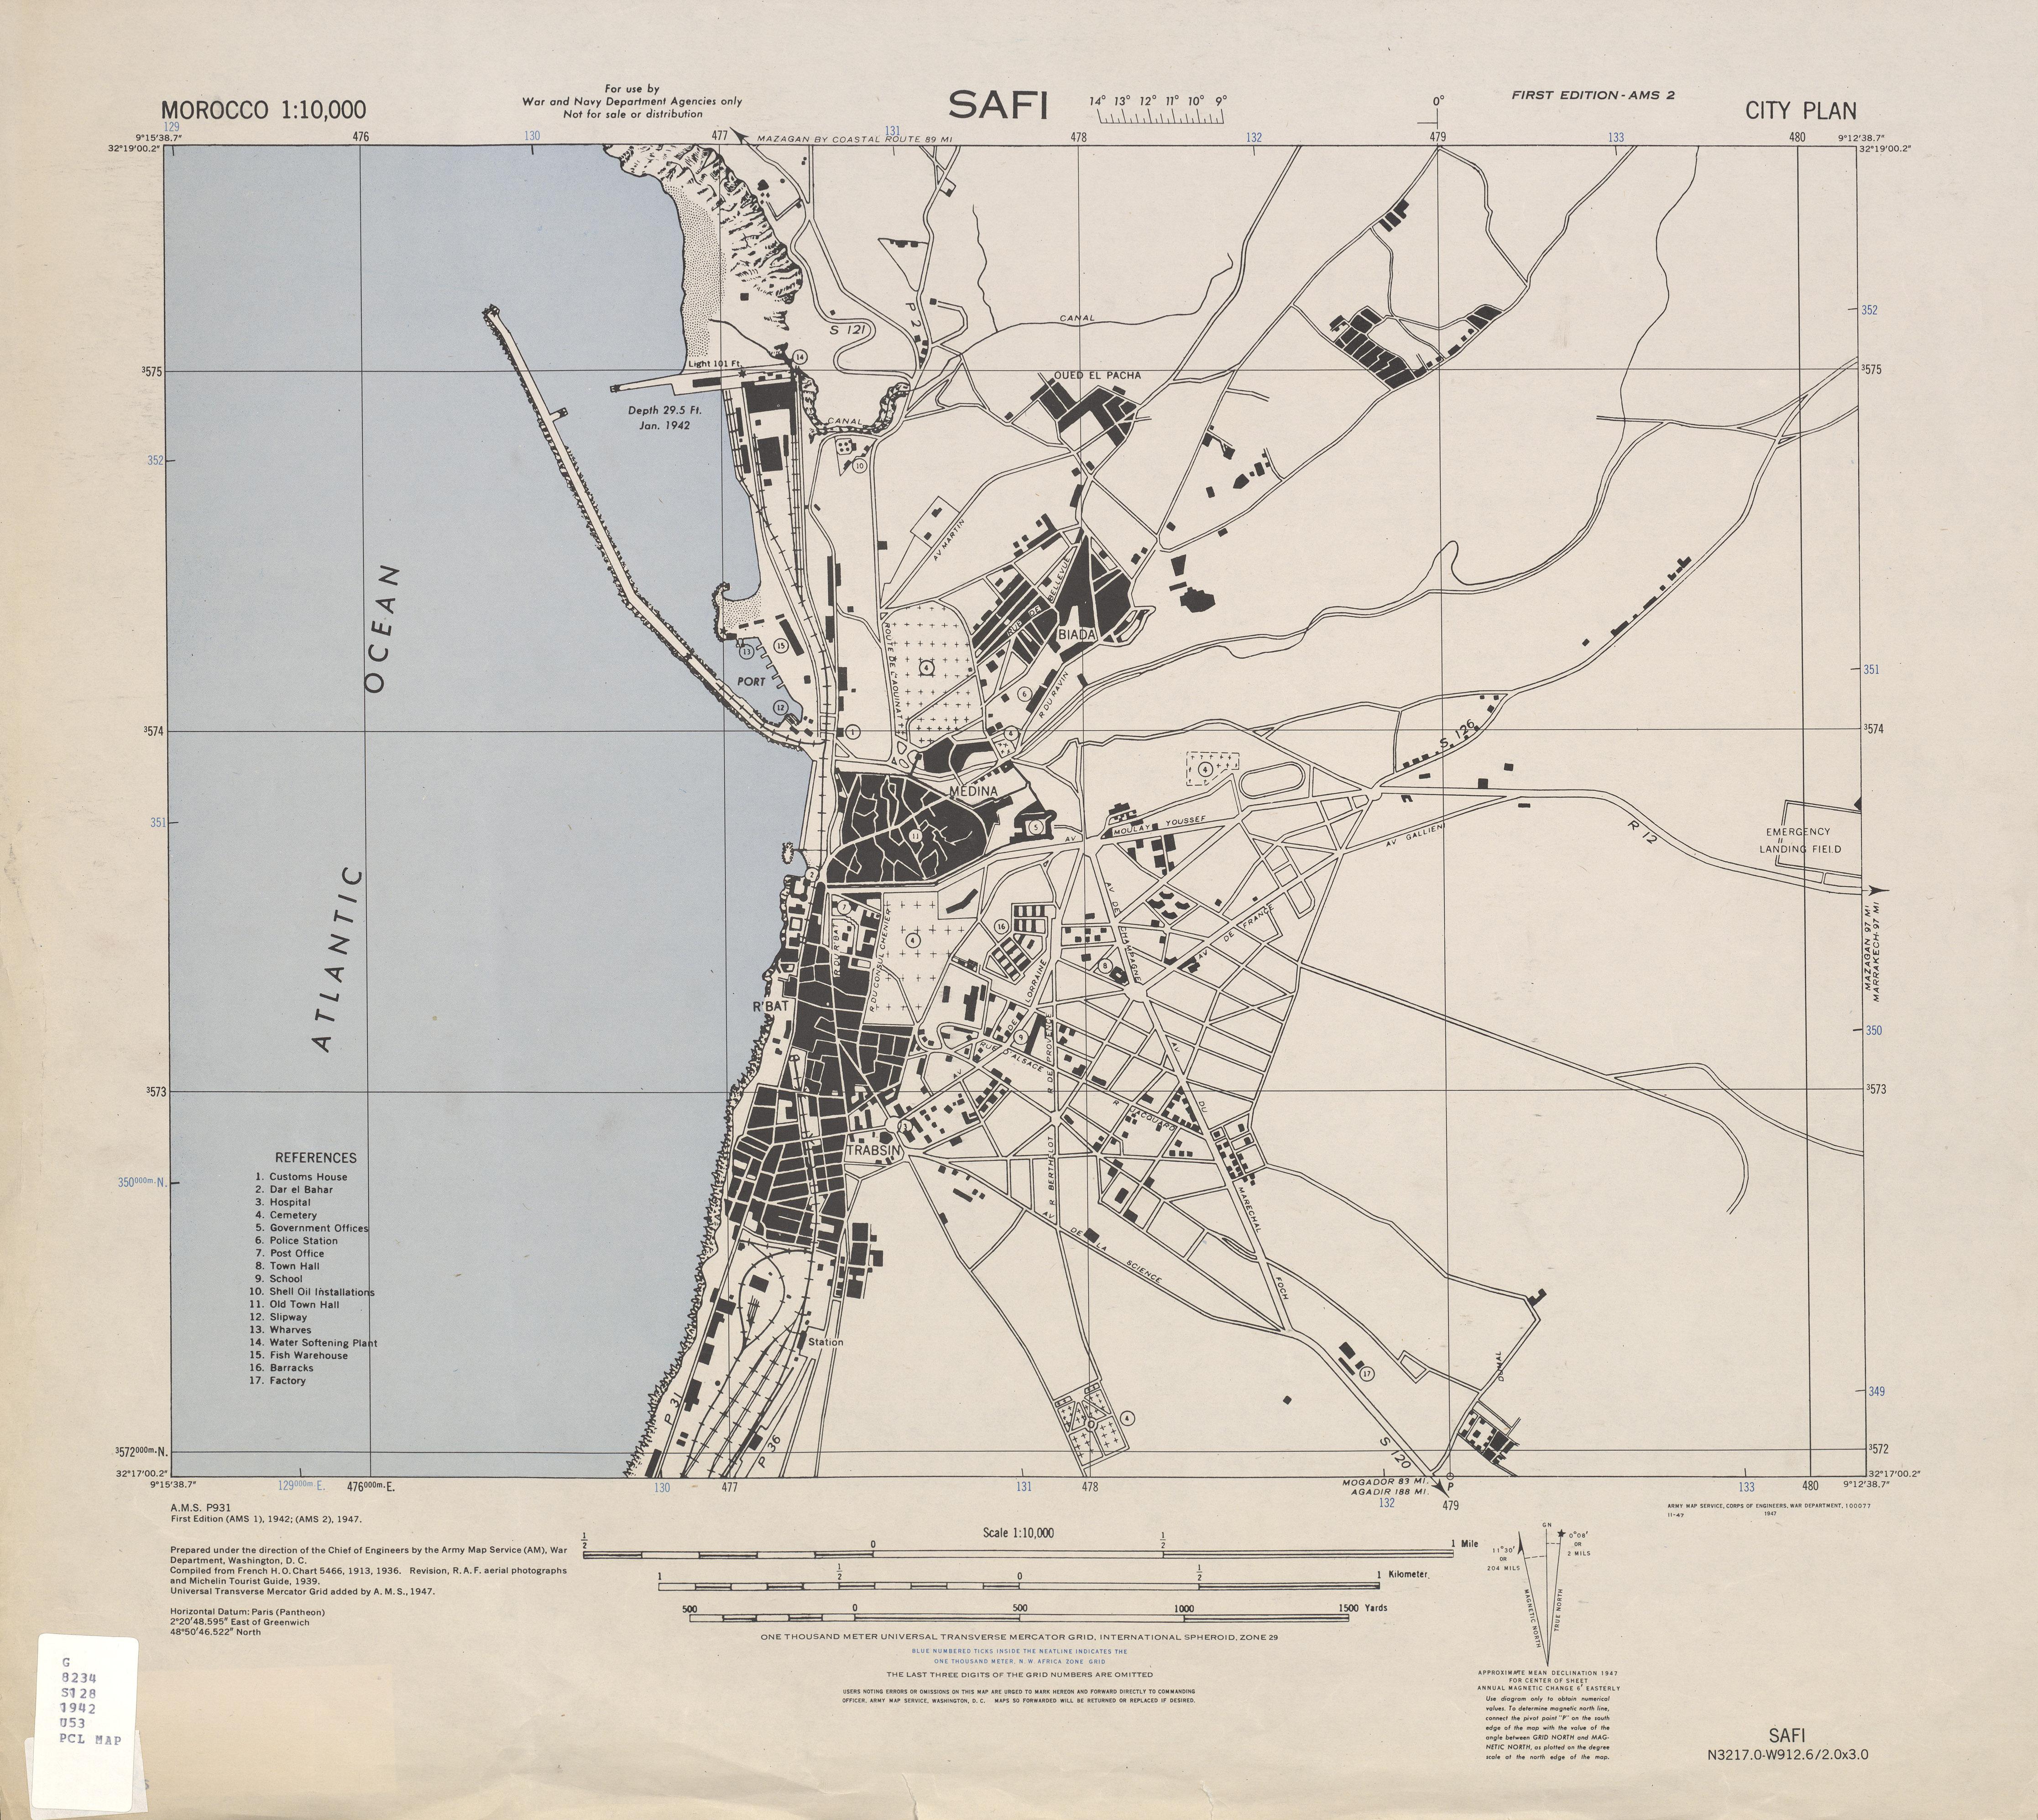 Mapa de la Ciudad de Safi, Marruecos 1947